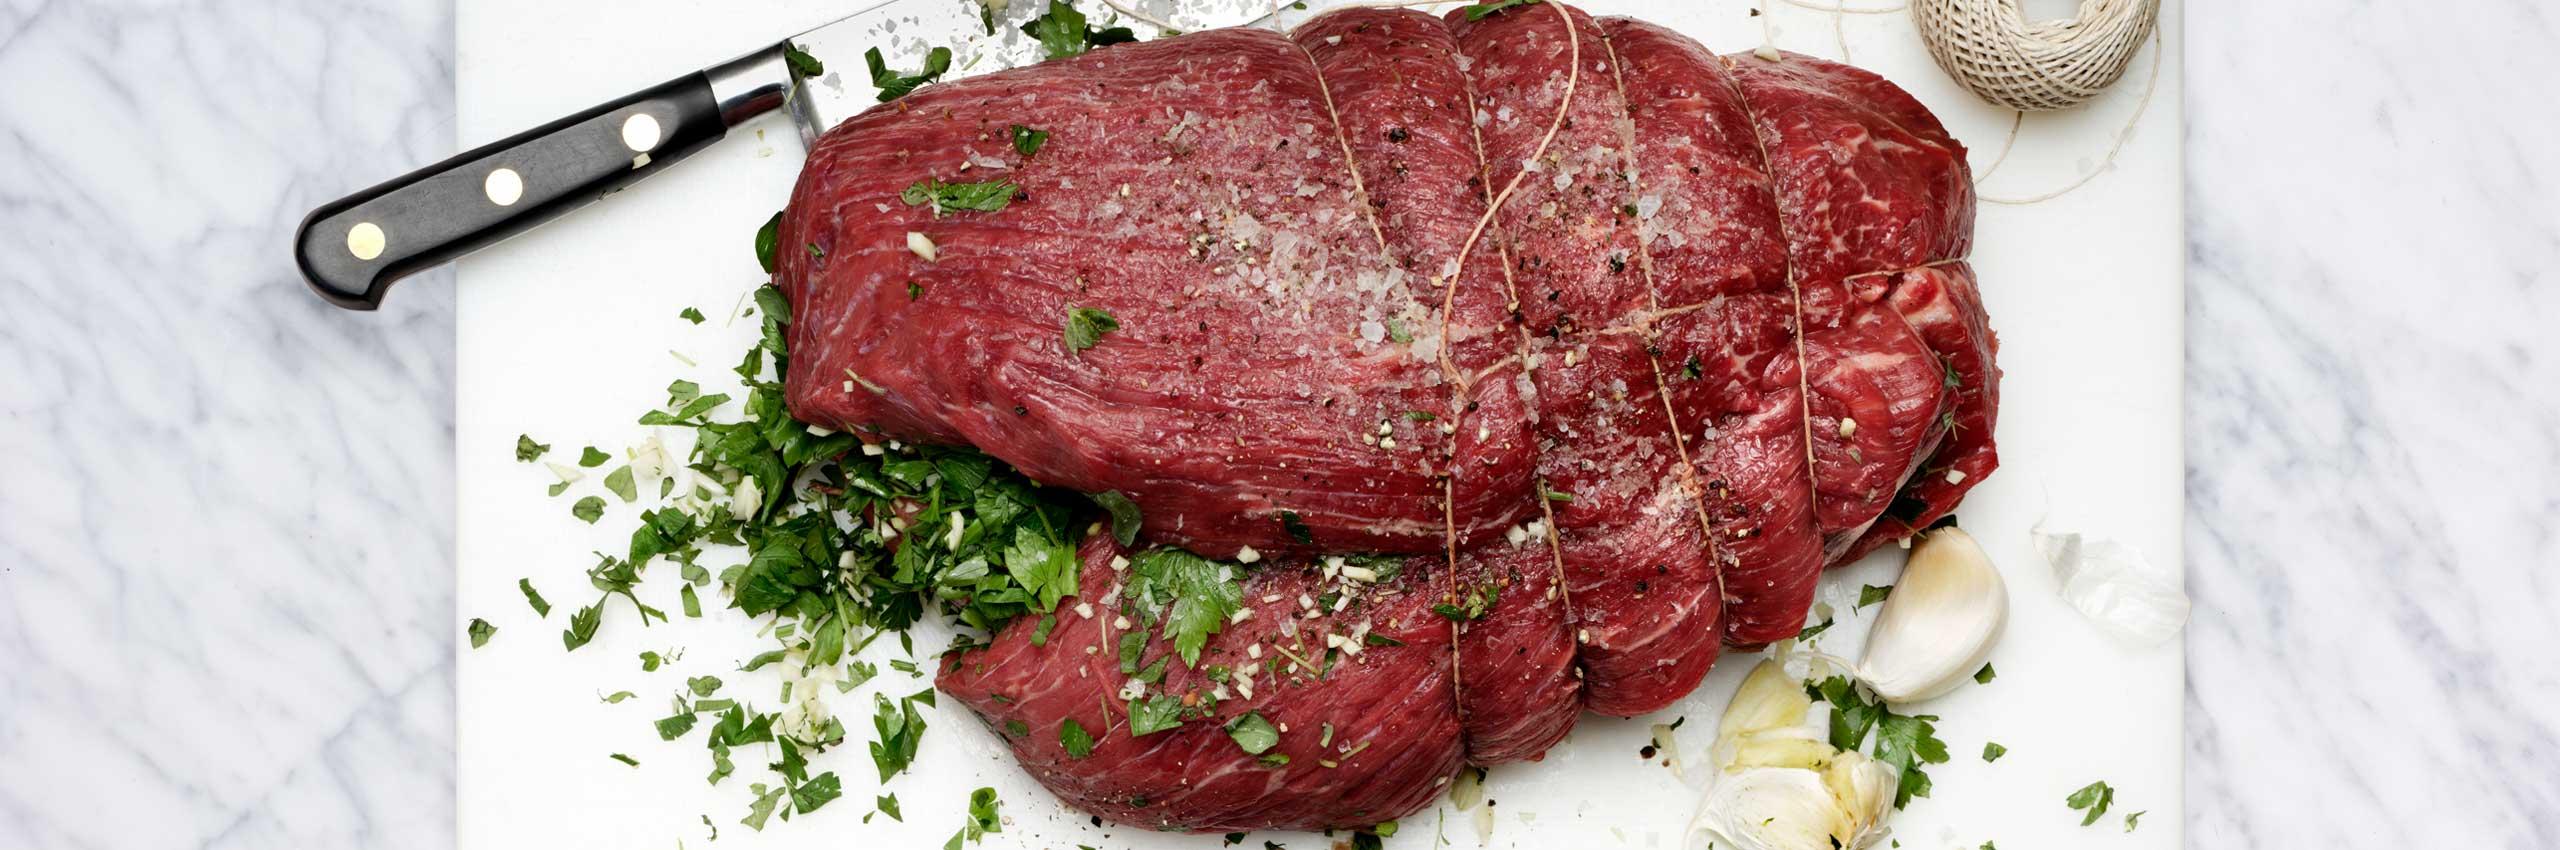 köpa billigt bra priser bästa kvalitet Nötkött - lär dig mer | Coop